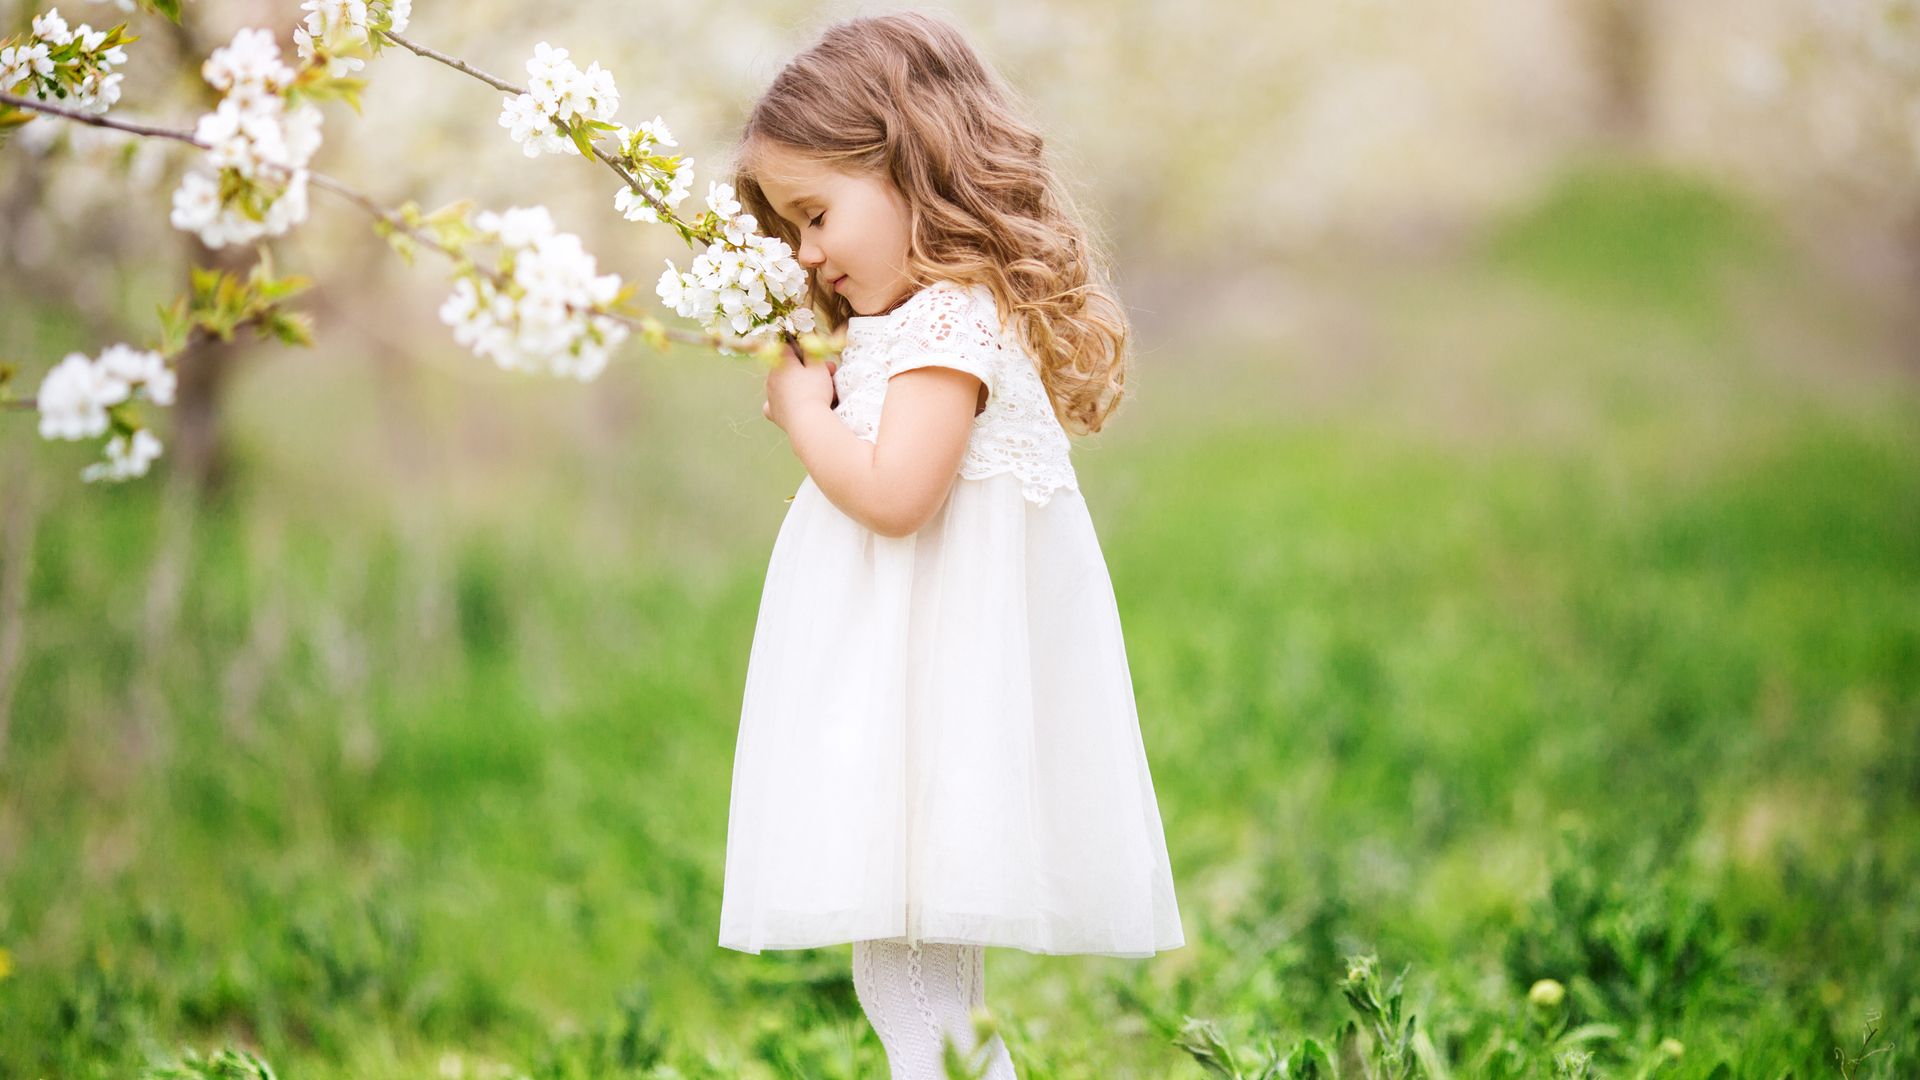 1920x1080 Little Cute Girl Smelling Flowers Laptop Full HD